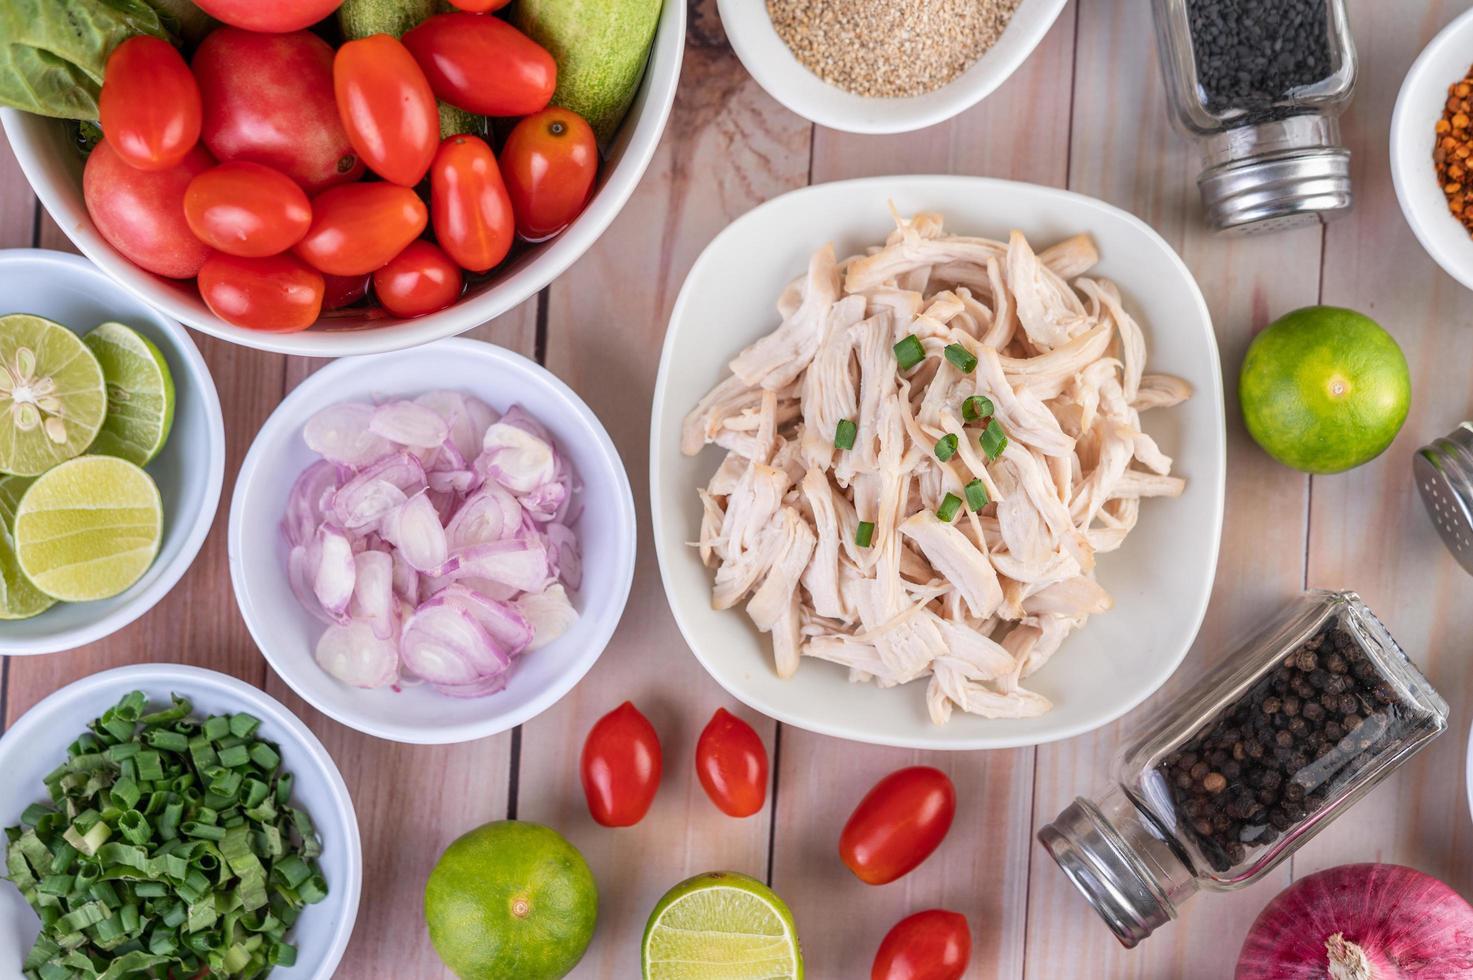 Morceaux de poulet bouilli avec légumes et épices sur une table en bois photo